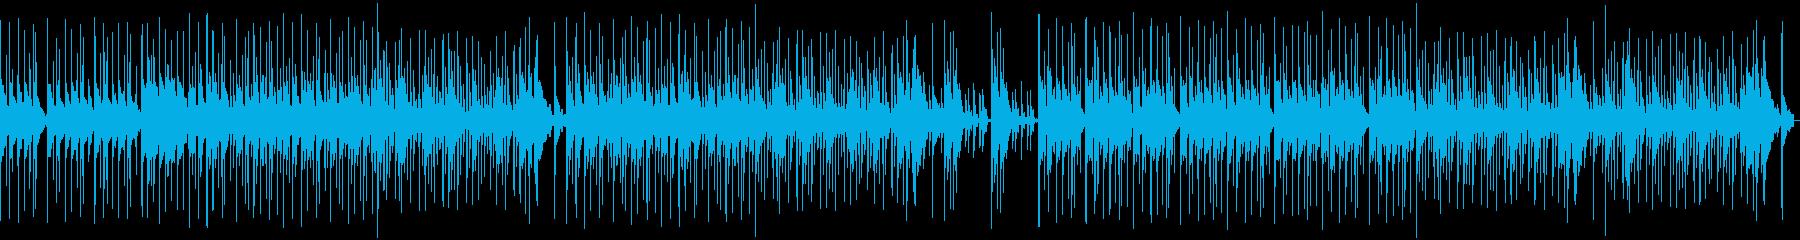 密林に住む部族風BGM(ループ仕様)の再生済みの波形